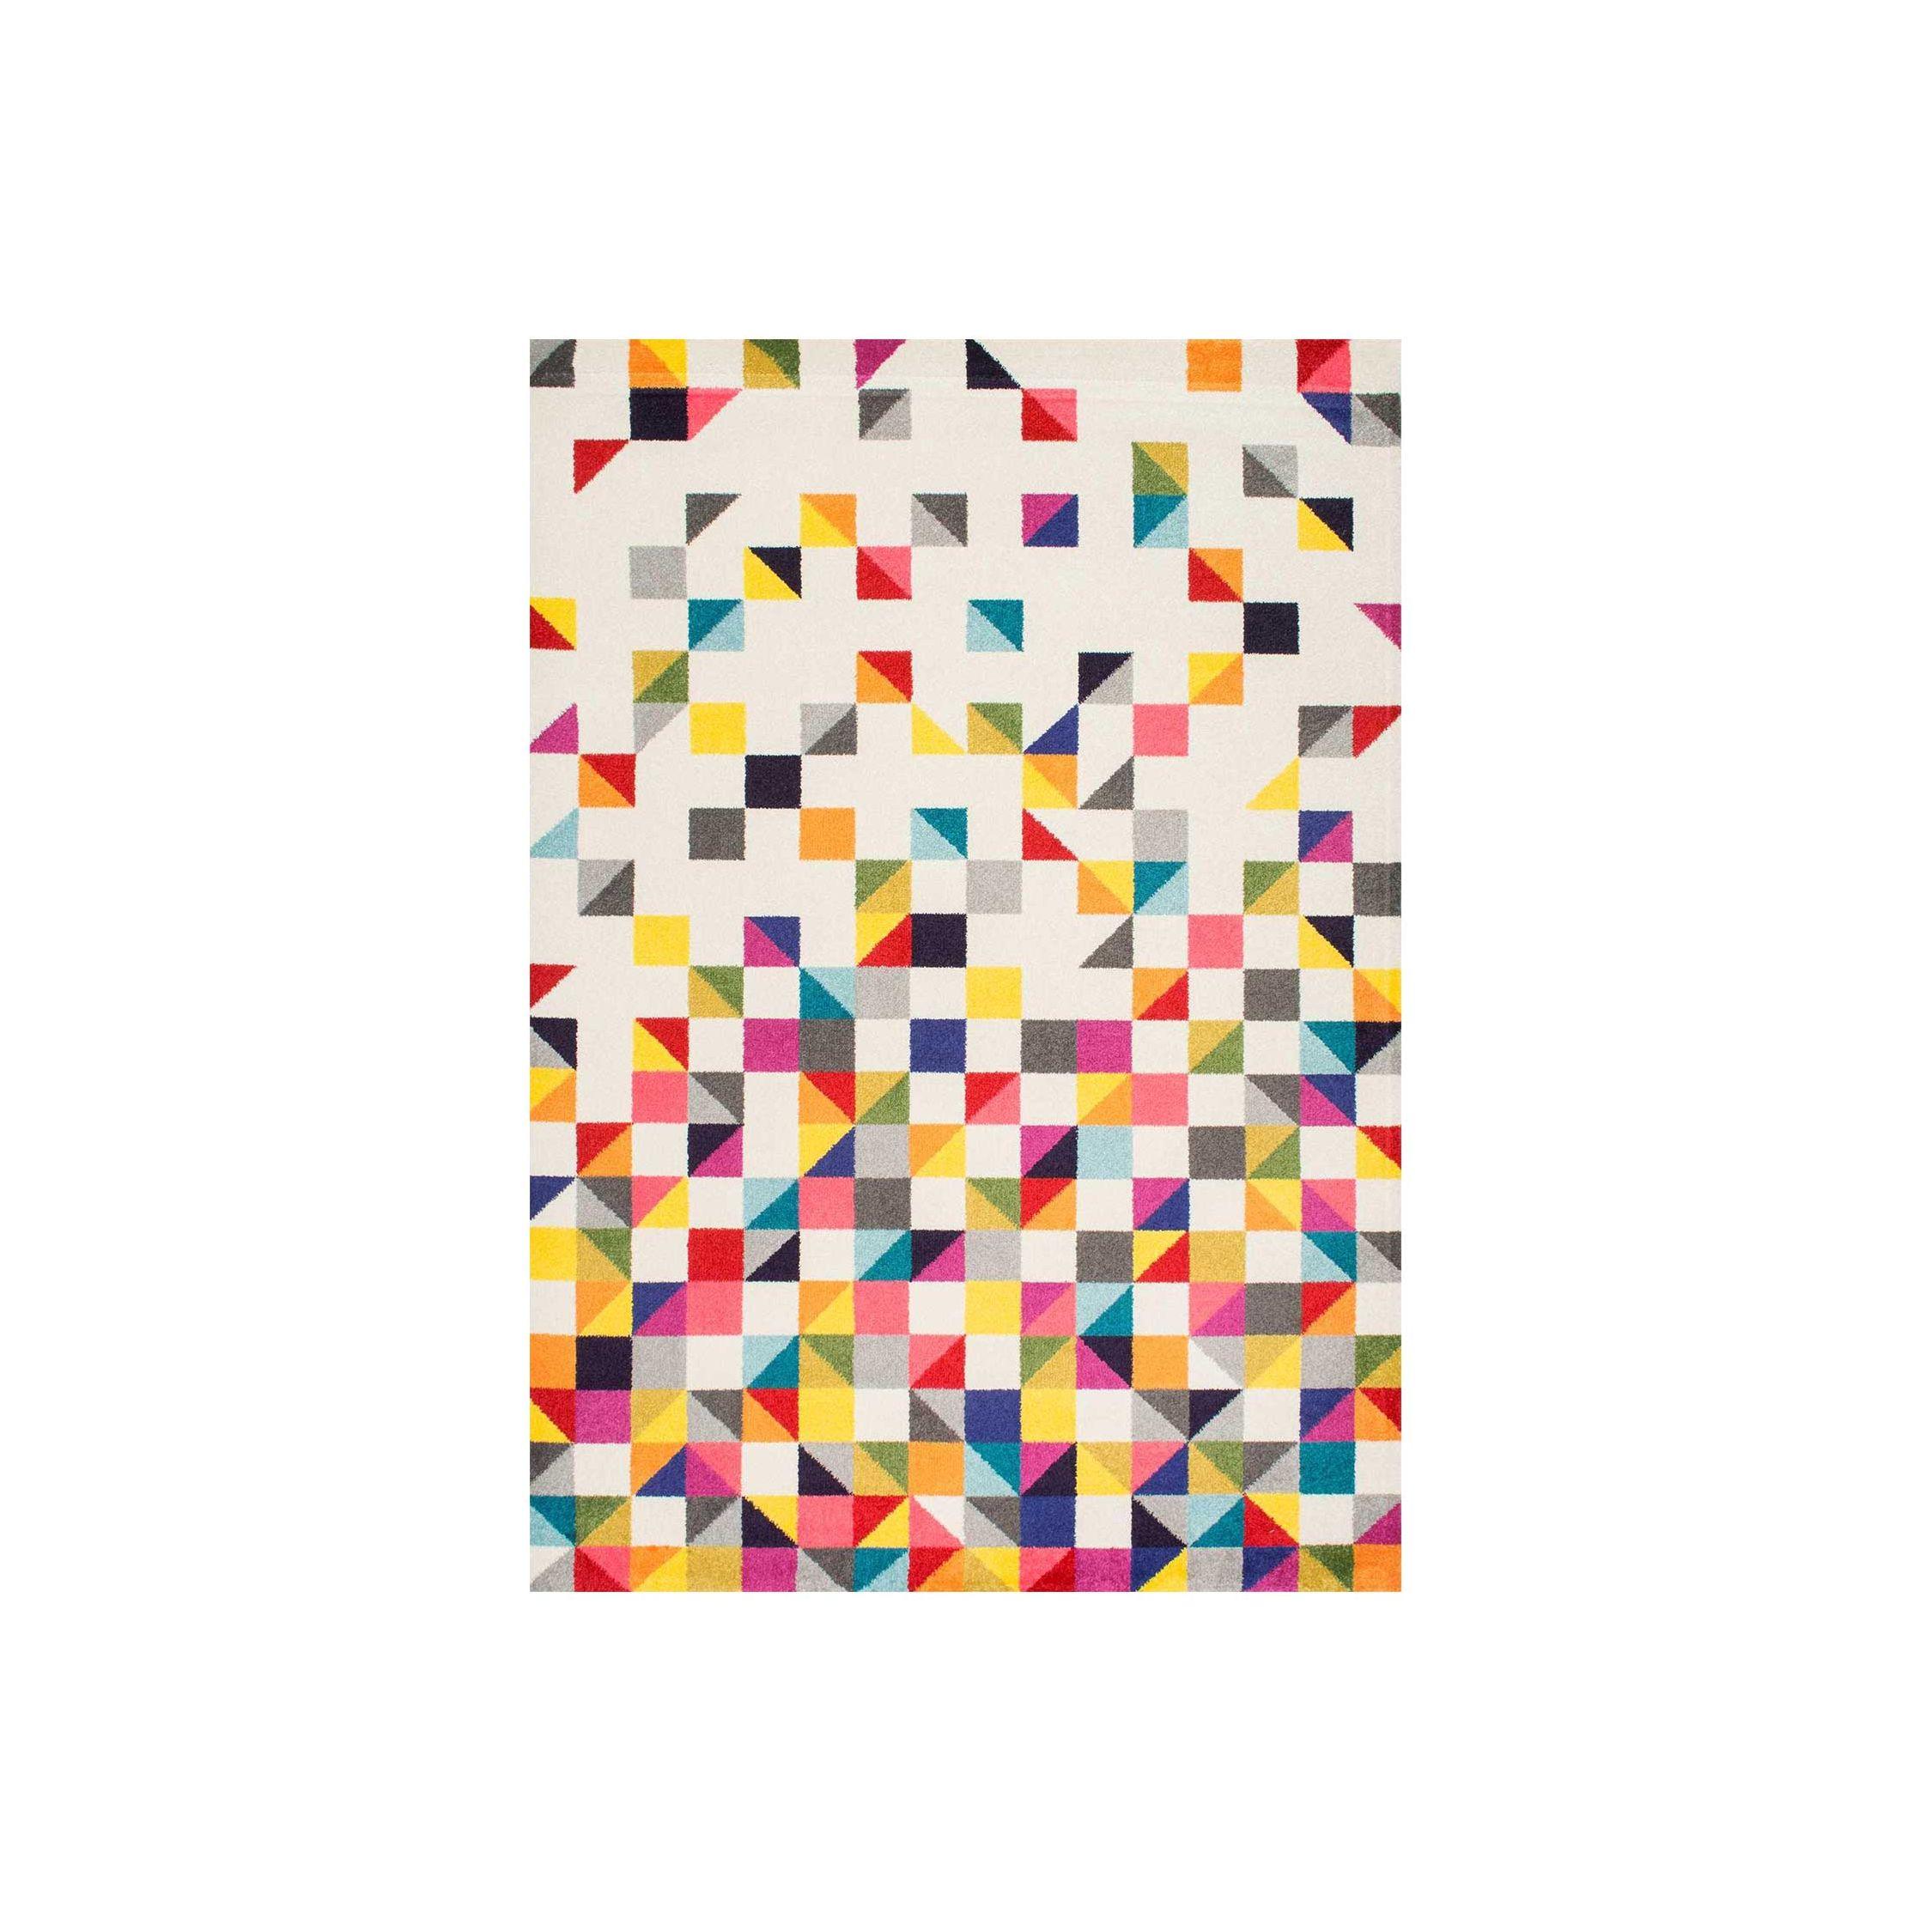 DETRU Tapis Moderne Design Petit Tapis Entree Multicolore Rouge Bleu Gris Noir Violet Rose 40x60 UN AMOUR DE TAPIS